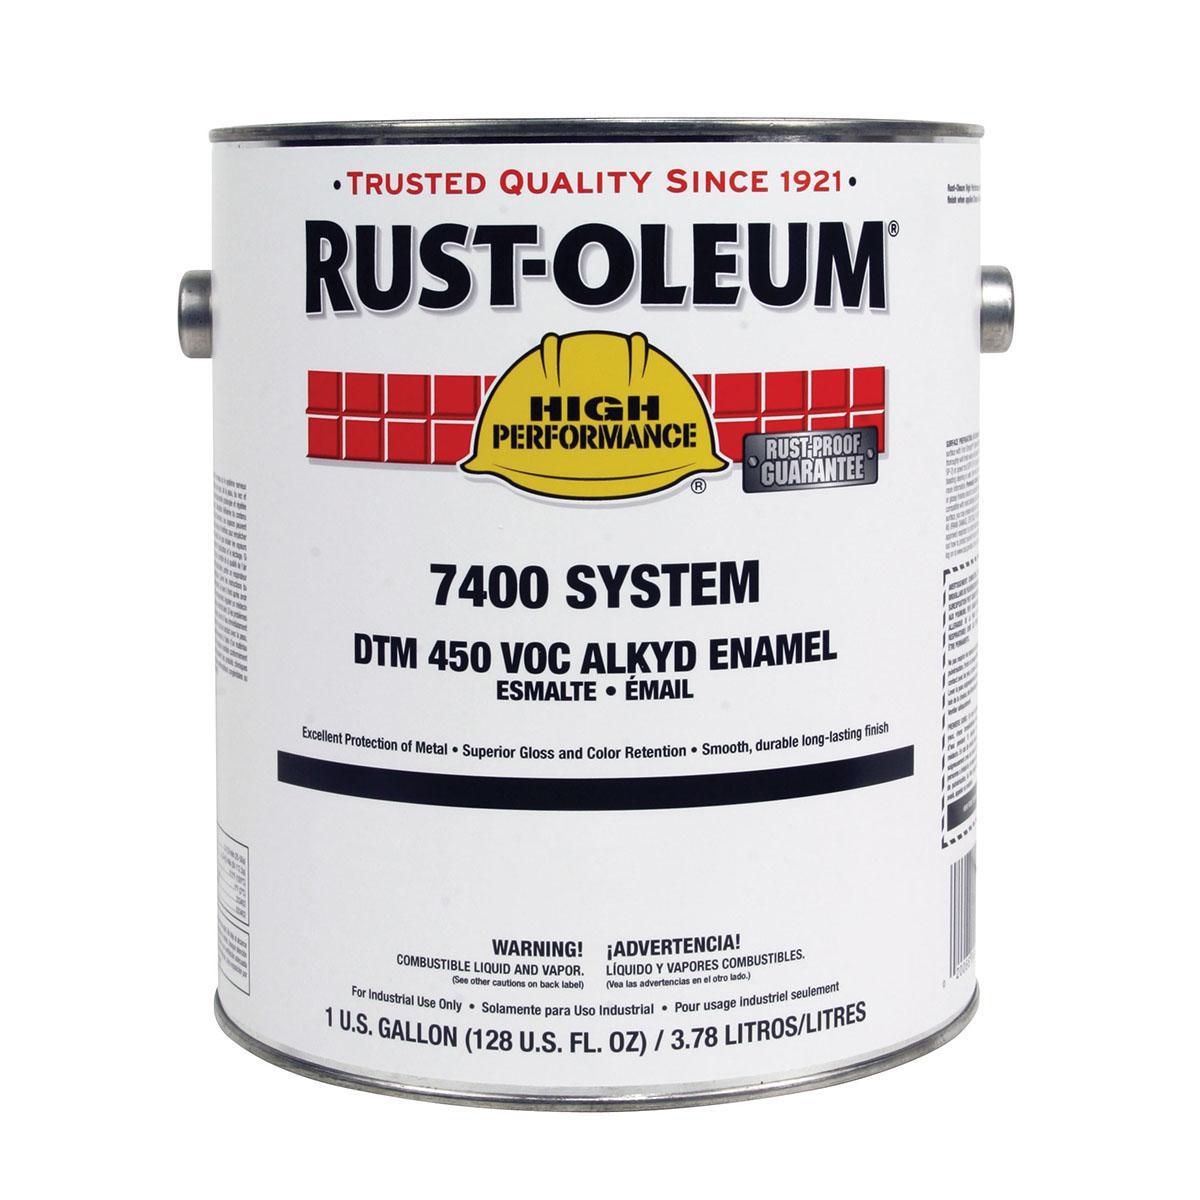 RUST-OLEUM 7400 ALKYD ENAMEL, MACHINE TOOL GRAY, 1 G